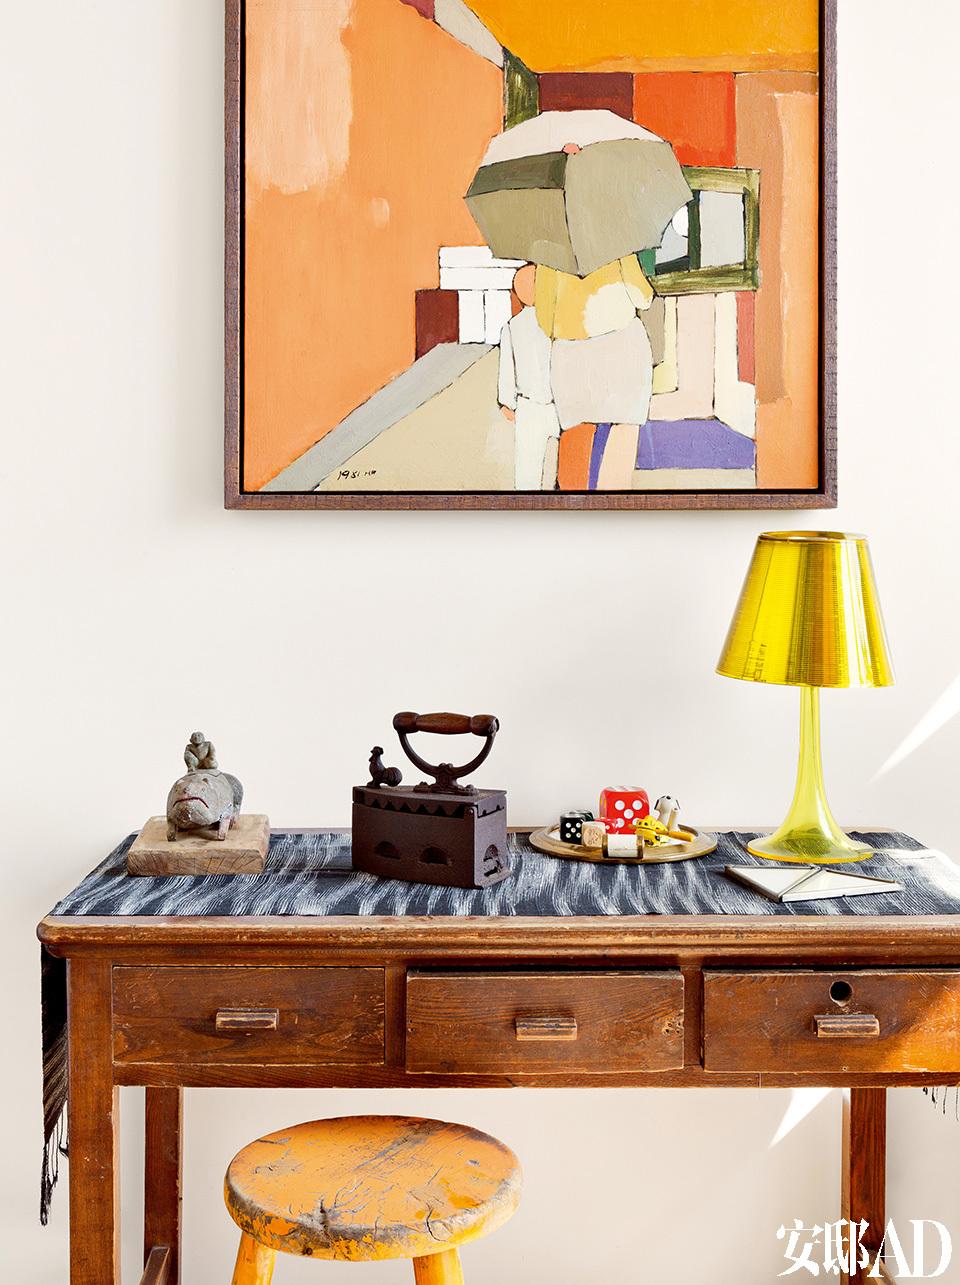 老木桌上有很多主人收来的摆件,并非古董,但是多半带有很强烈的时代感。